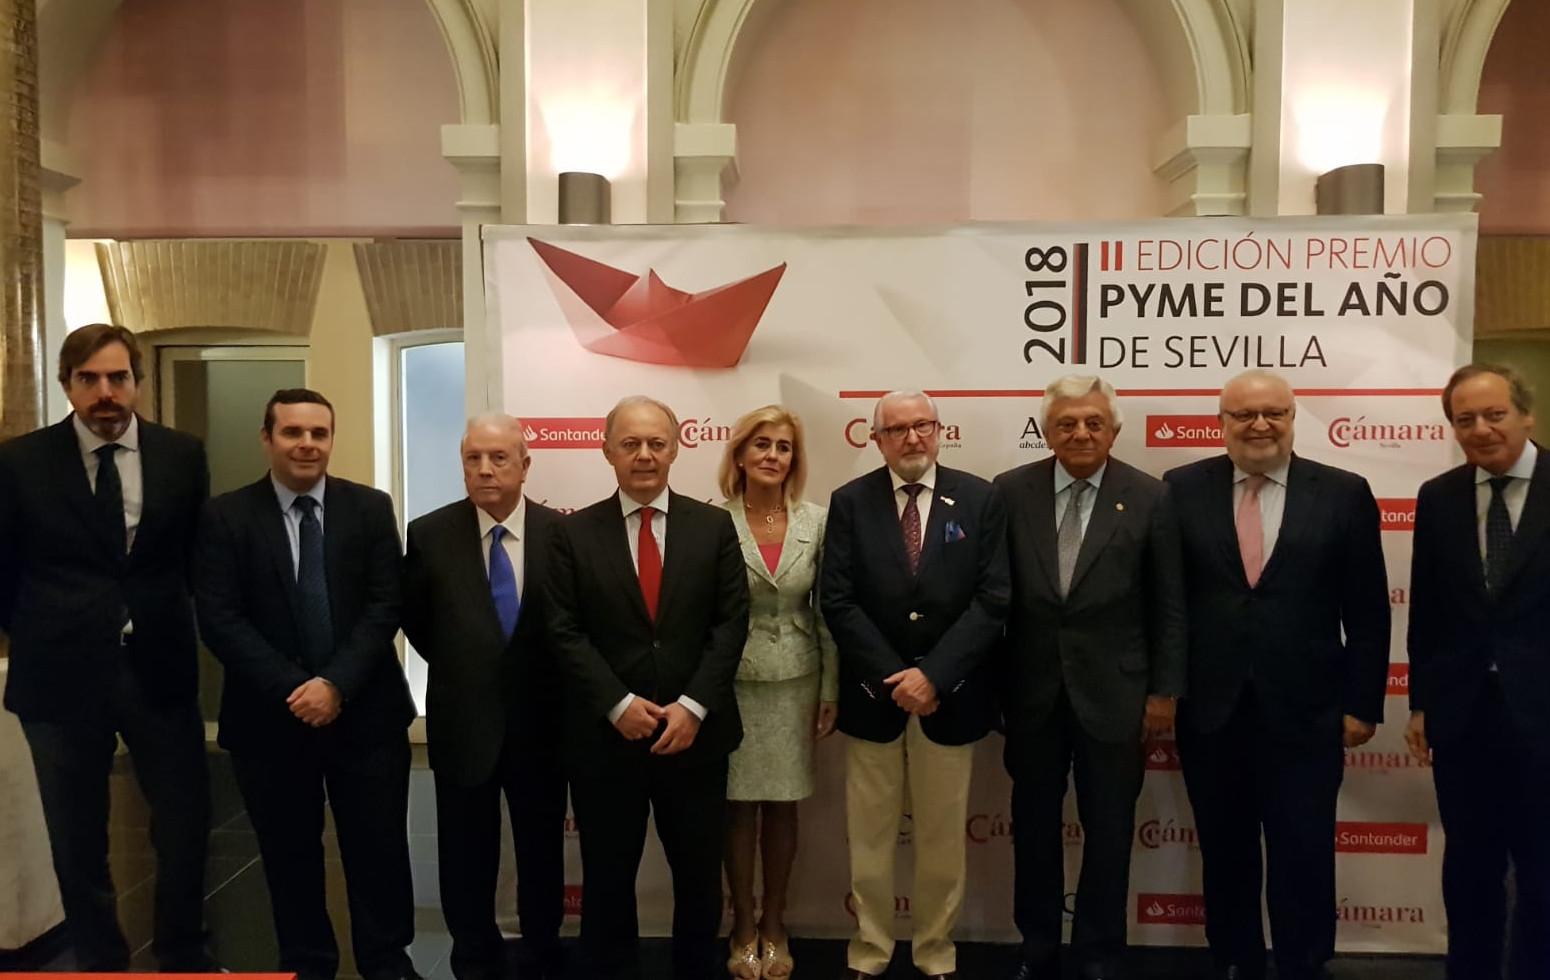 Premio PYME del año 2018 premiados